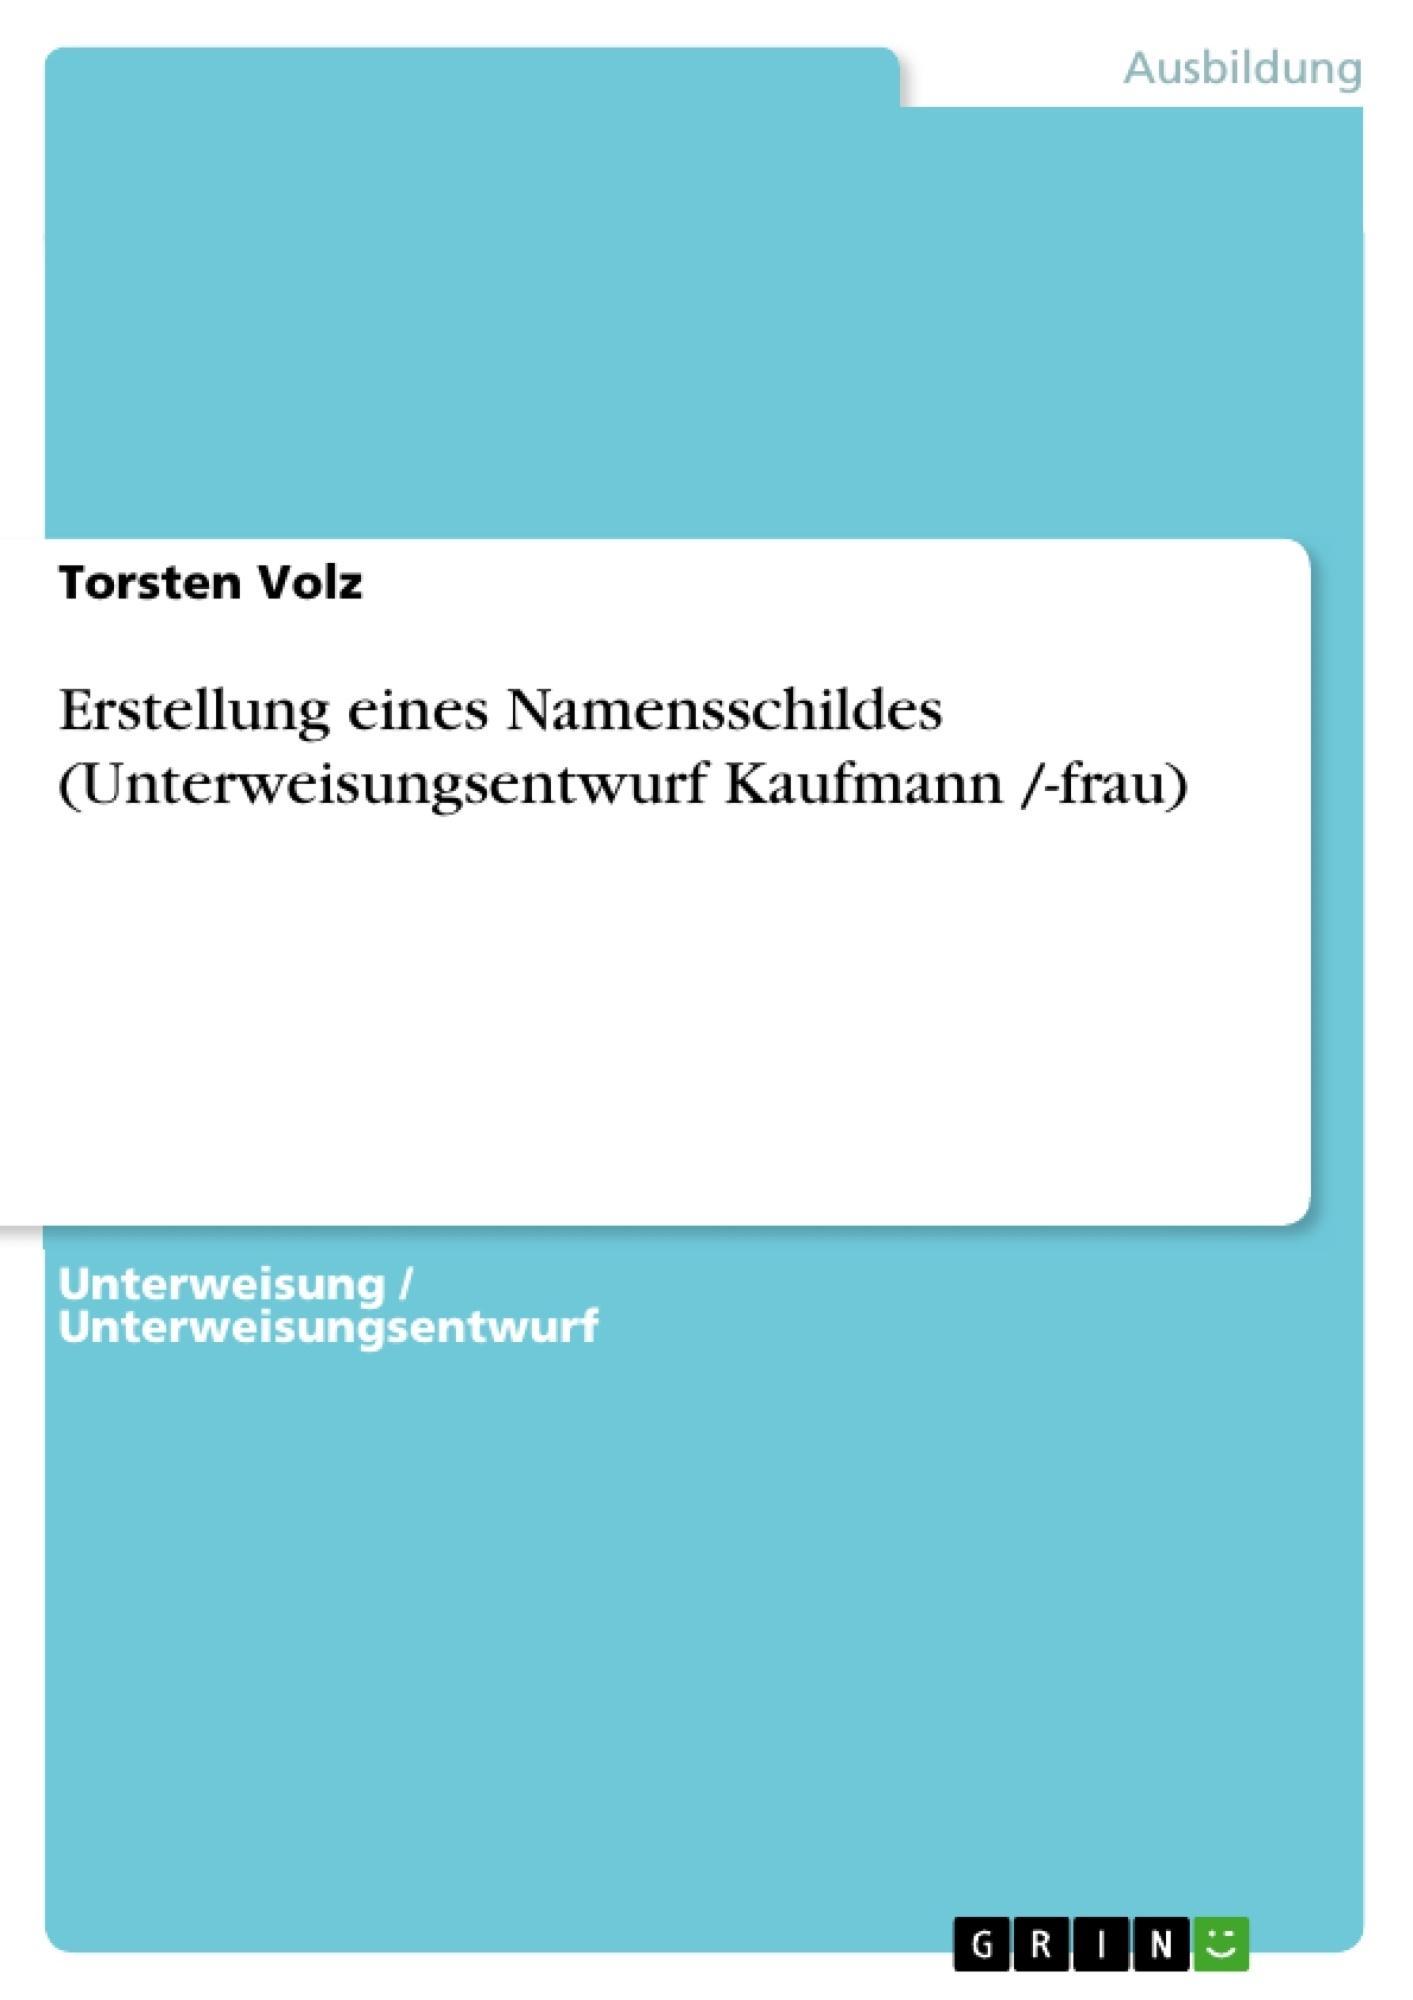 Titel: Erstellung eines Namensschildes (Unterweisungsentwurf Kaufmann /-frau)